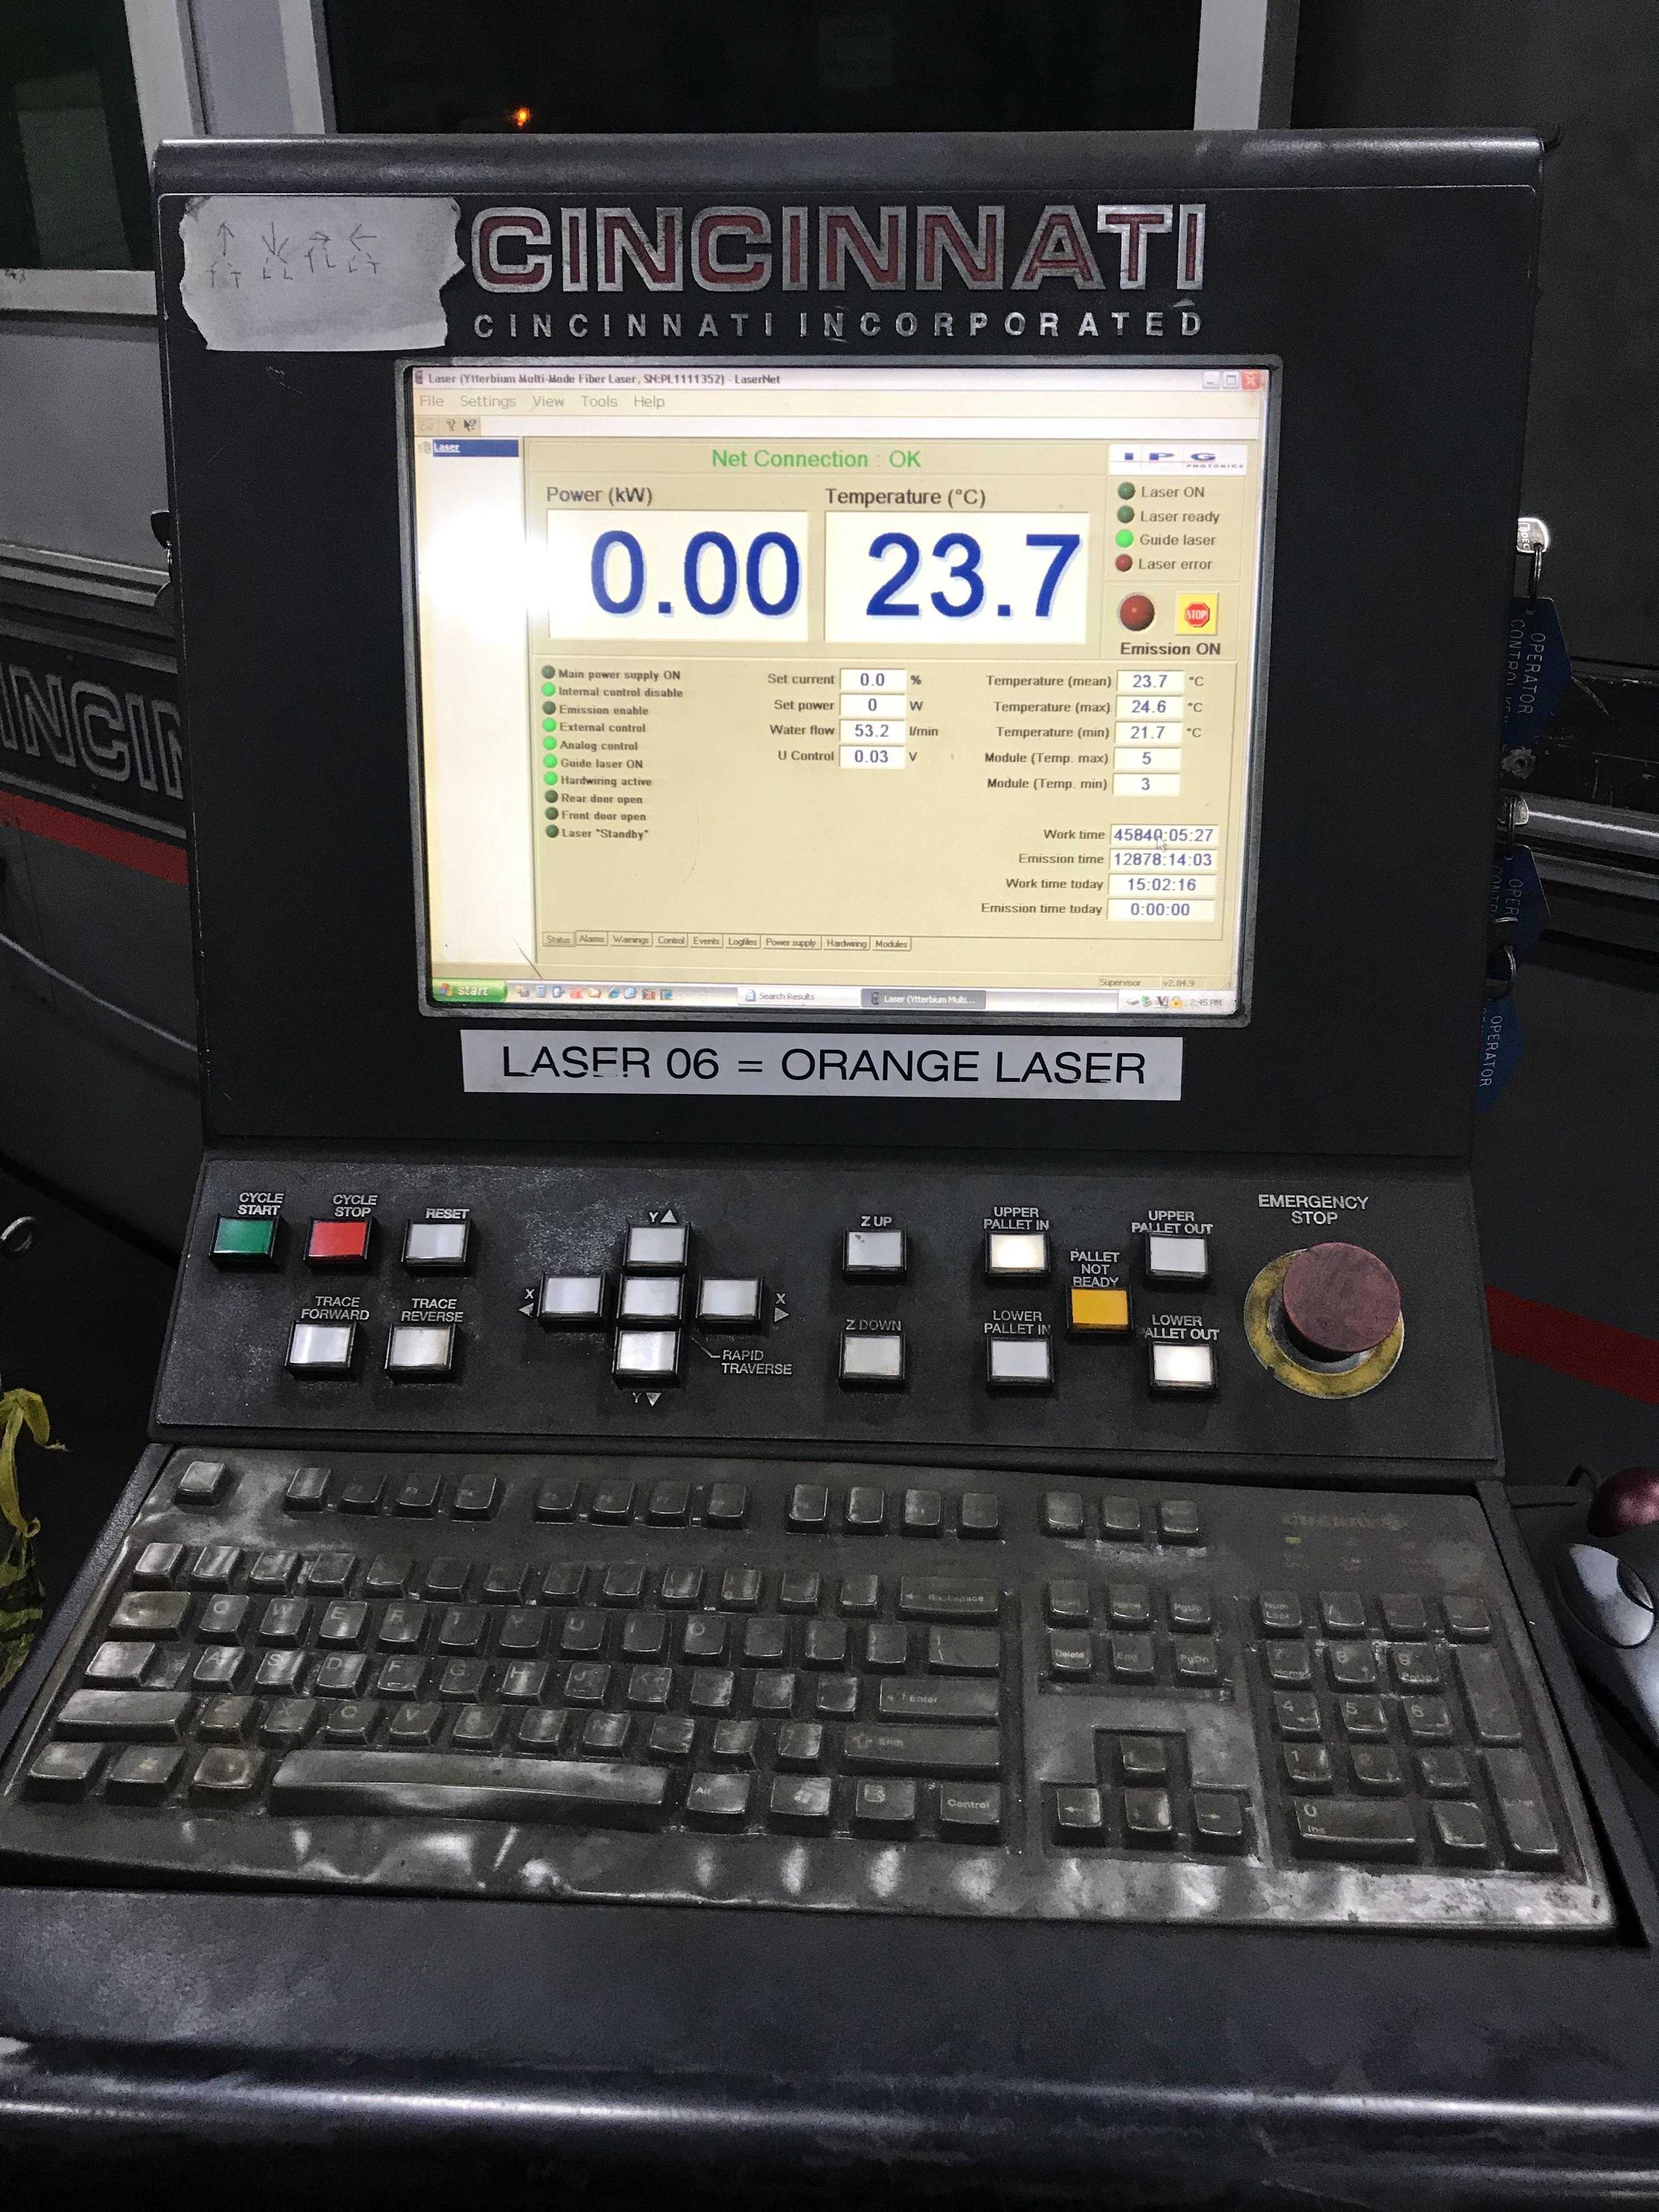 Cincinnati CL940 Fiber Laser, 4,000 Watt, 5' x 10' Dual Pallets, Chiller, Dust Collector, Low Hours - Image 6 of 7